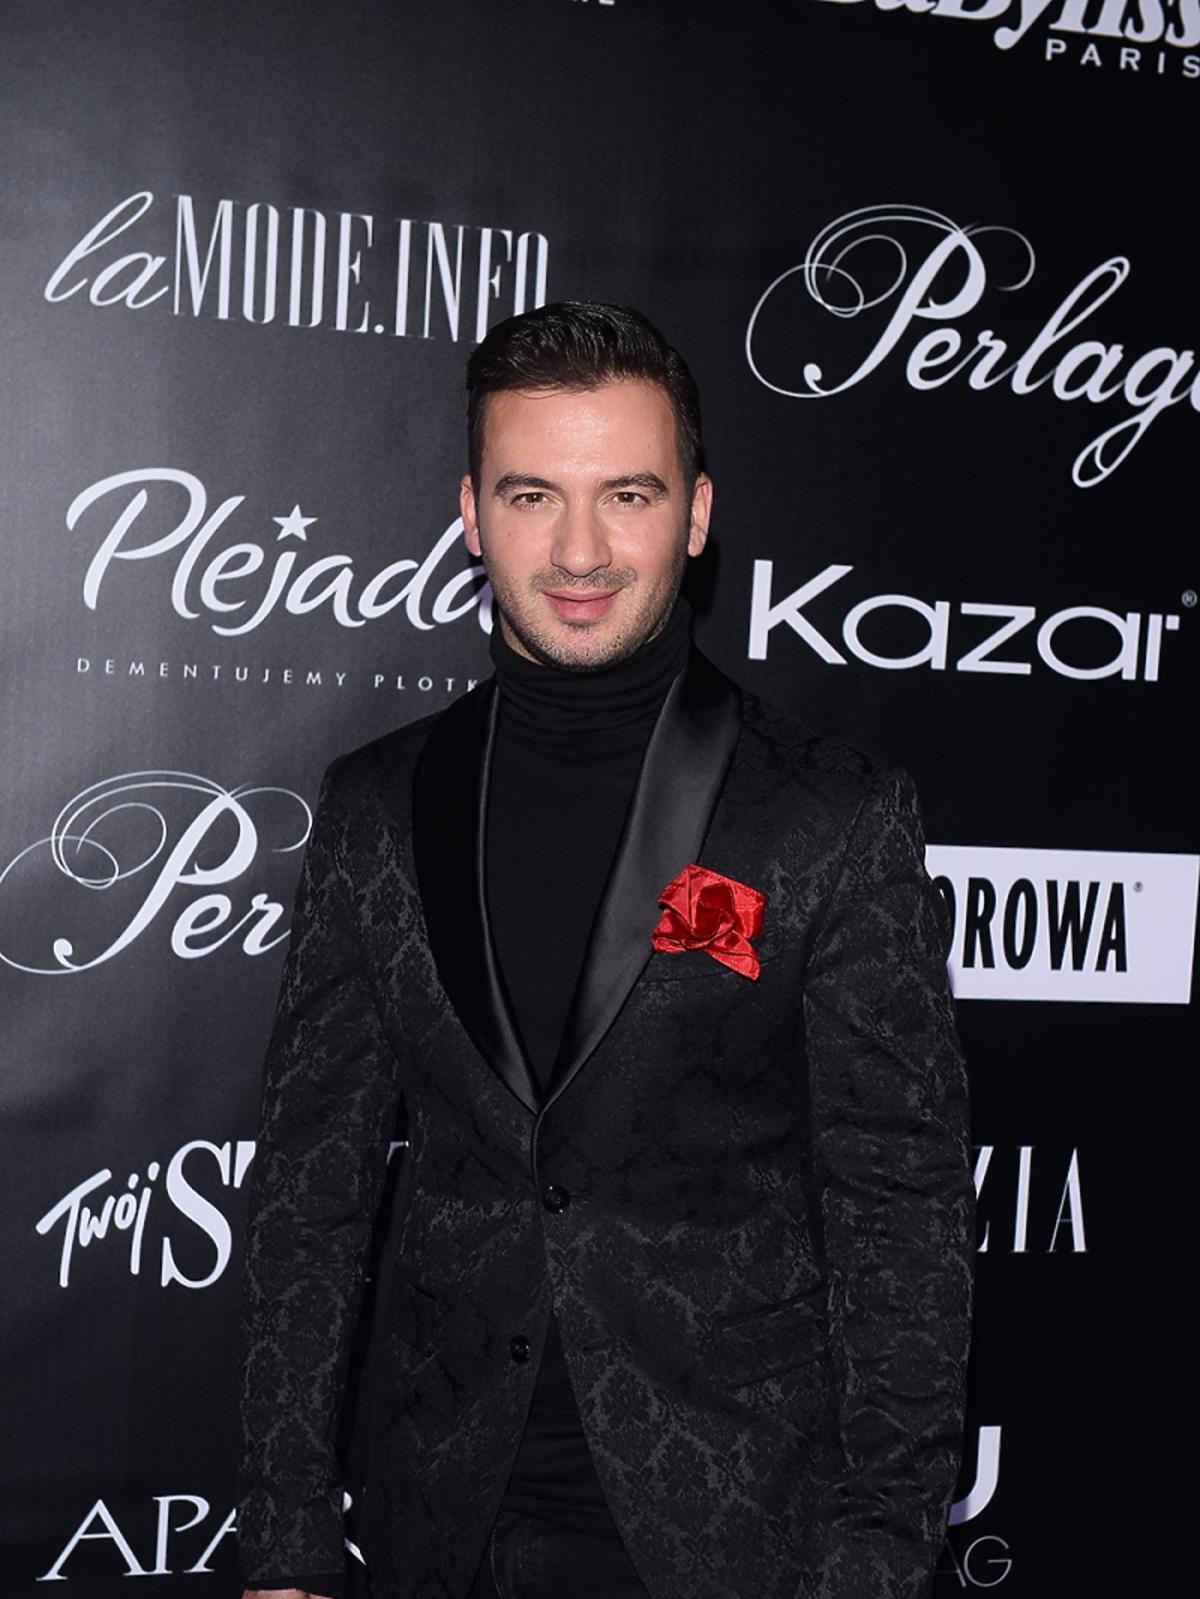 Stefano Terrazzino w czarnym garniturze